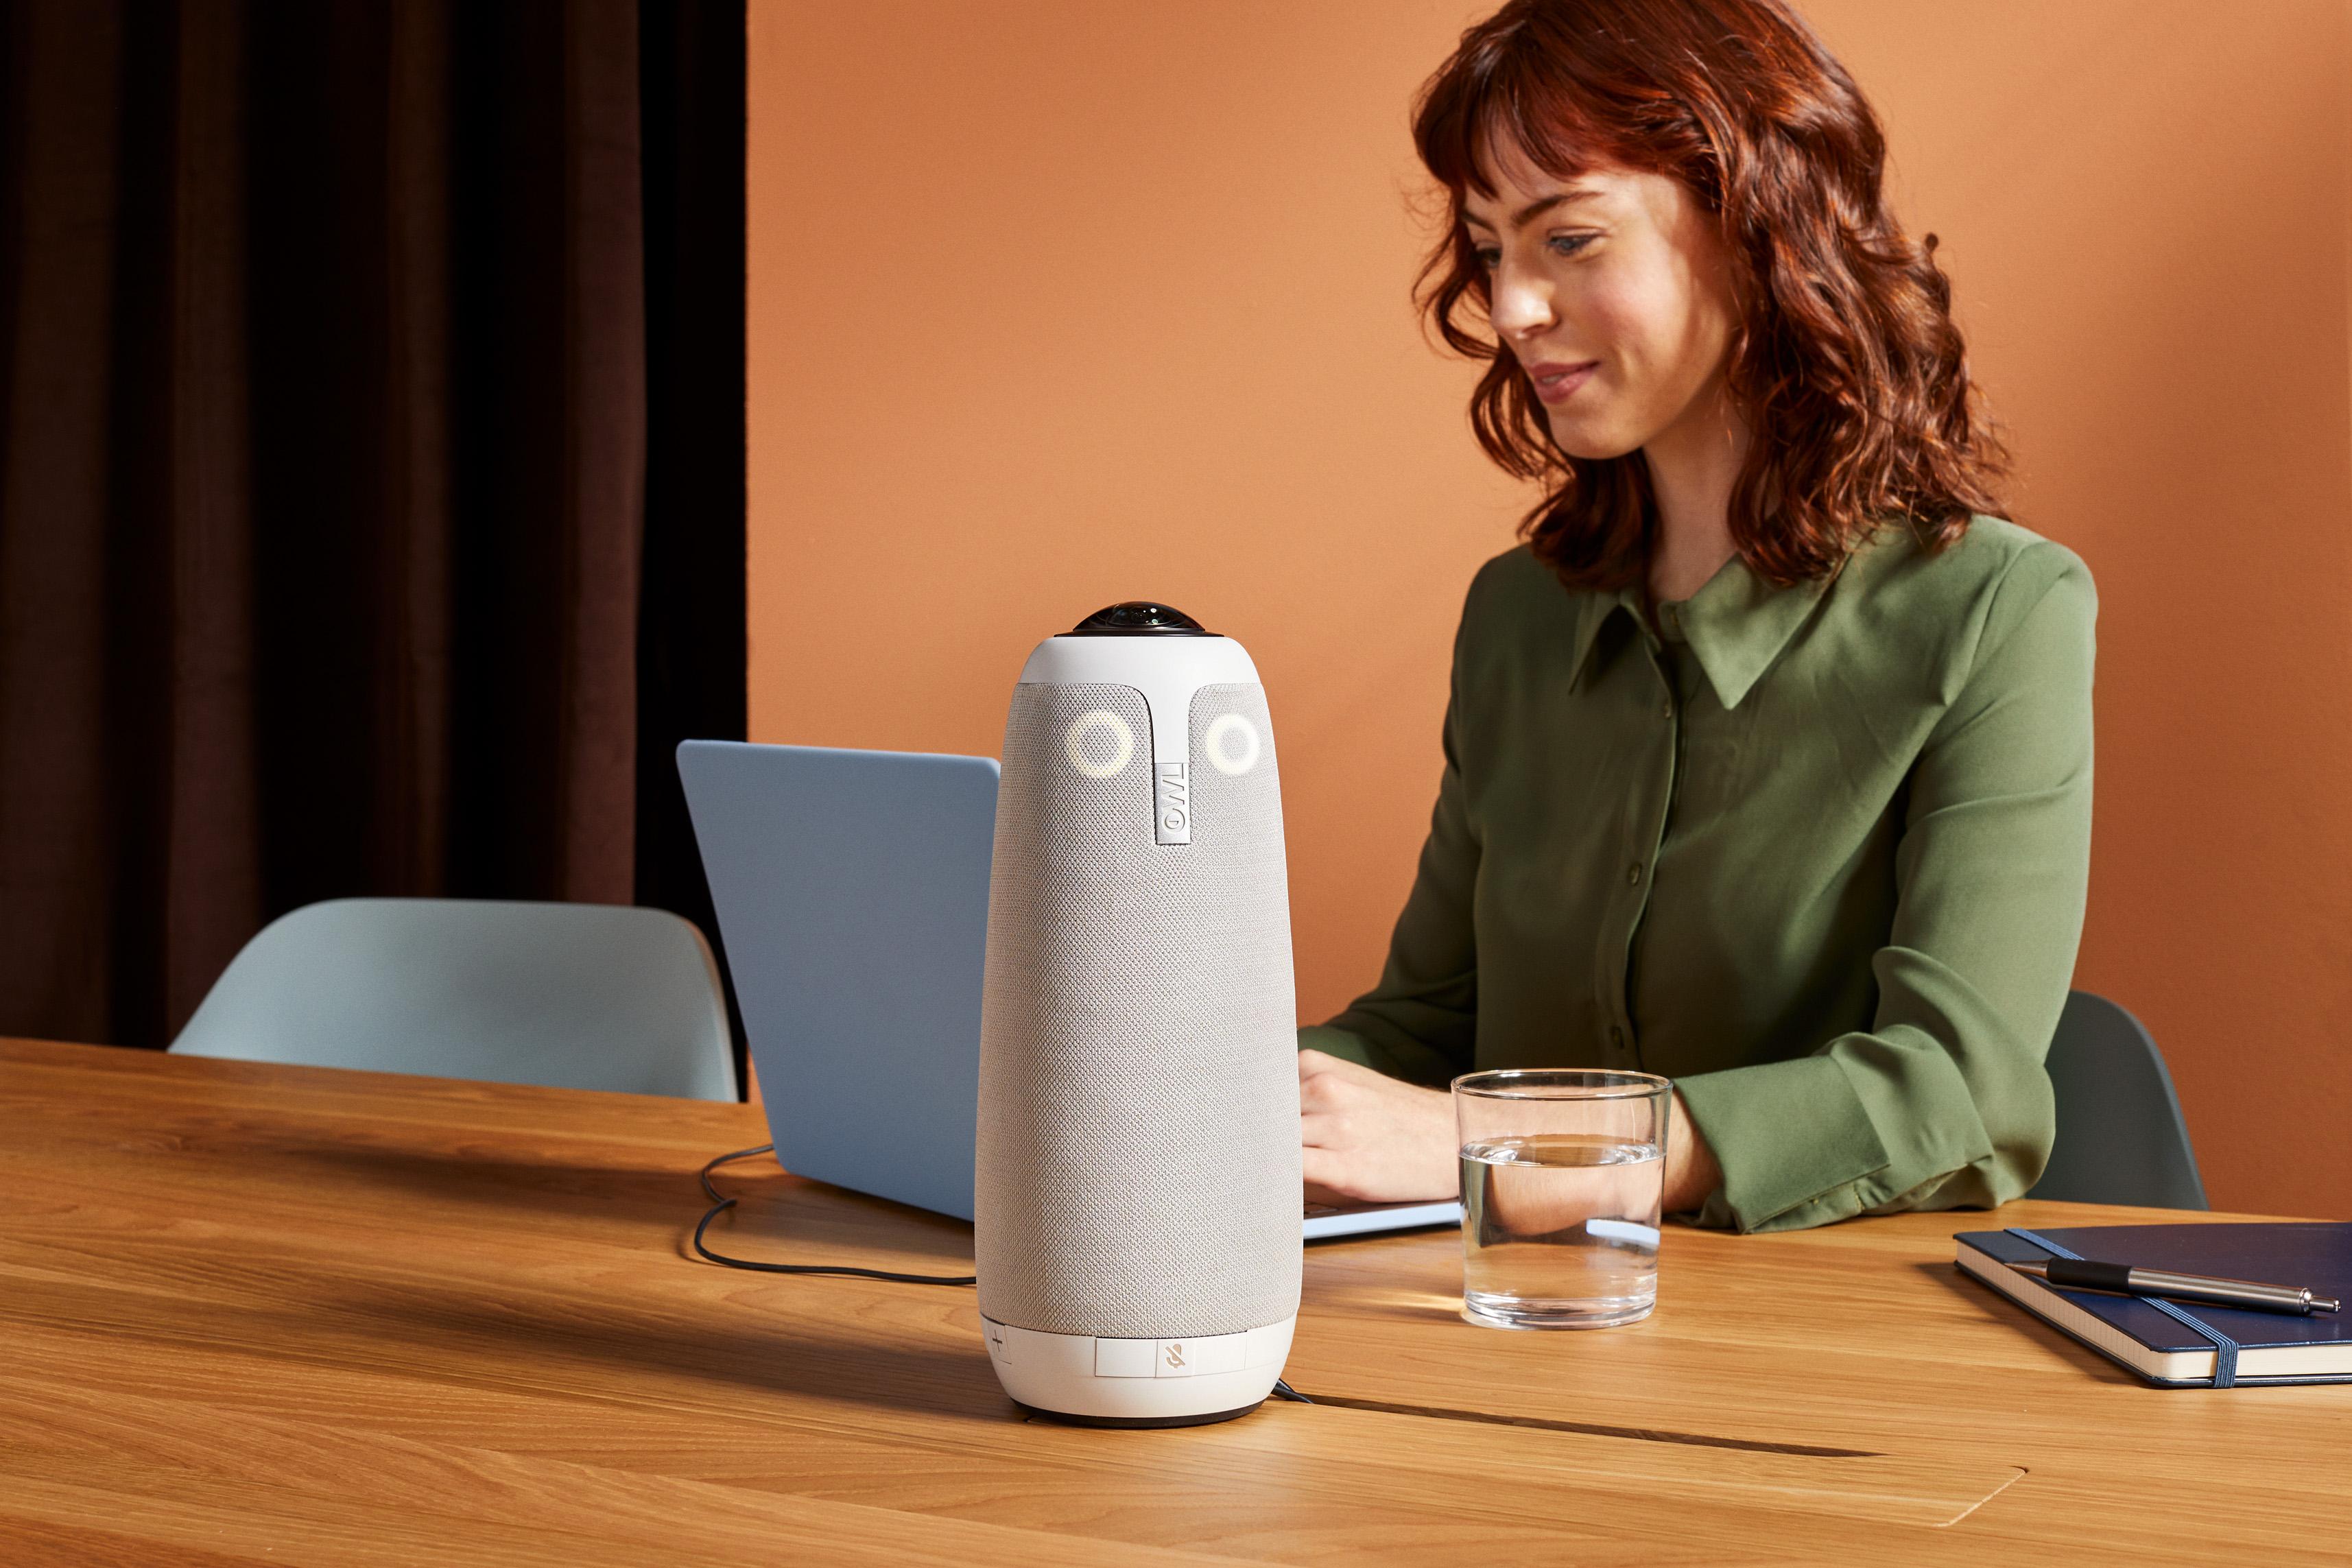 Ingram Micro va distribui soluțiile de videoconferință Owl Labs